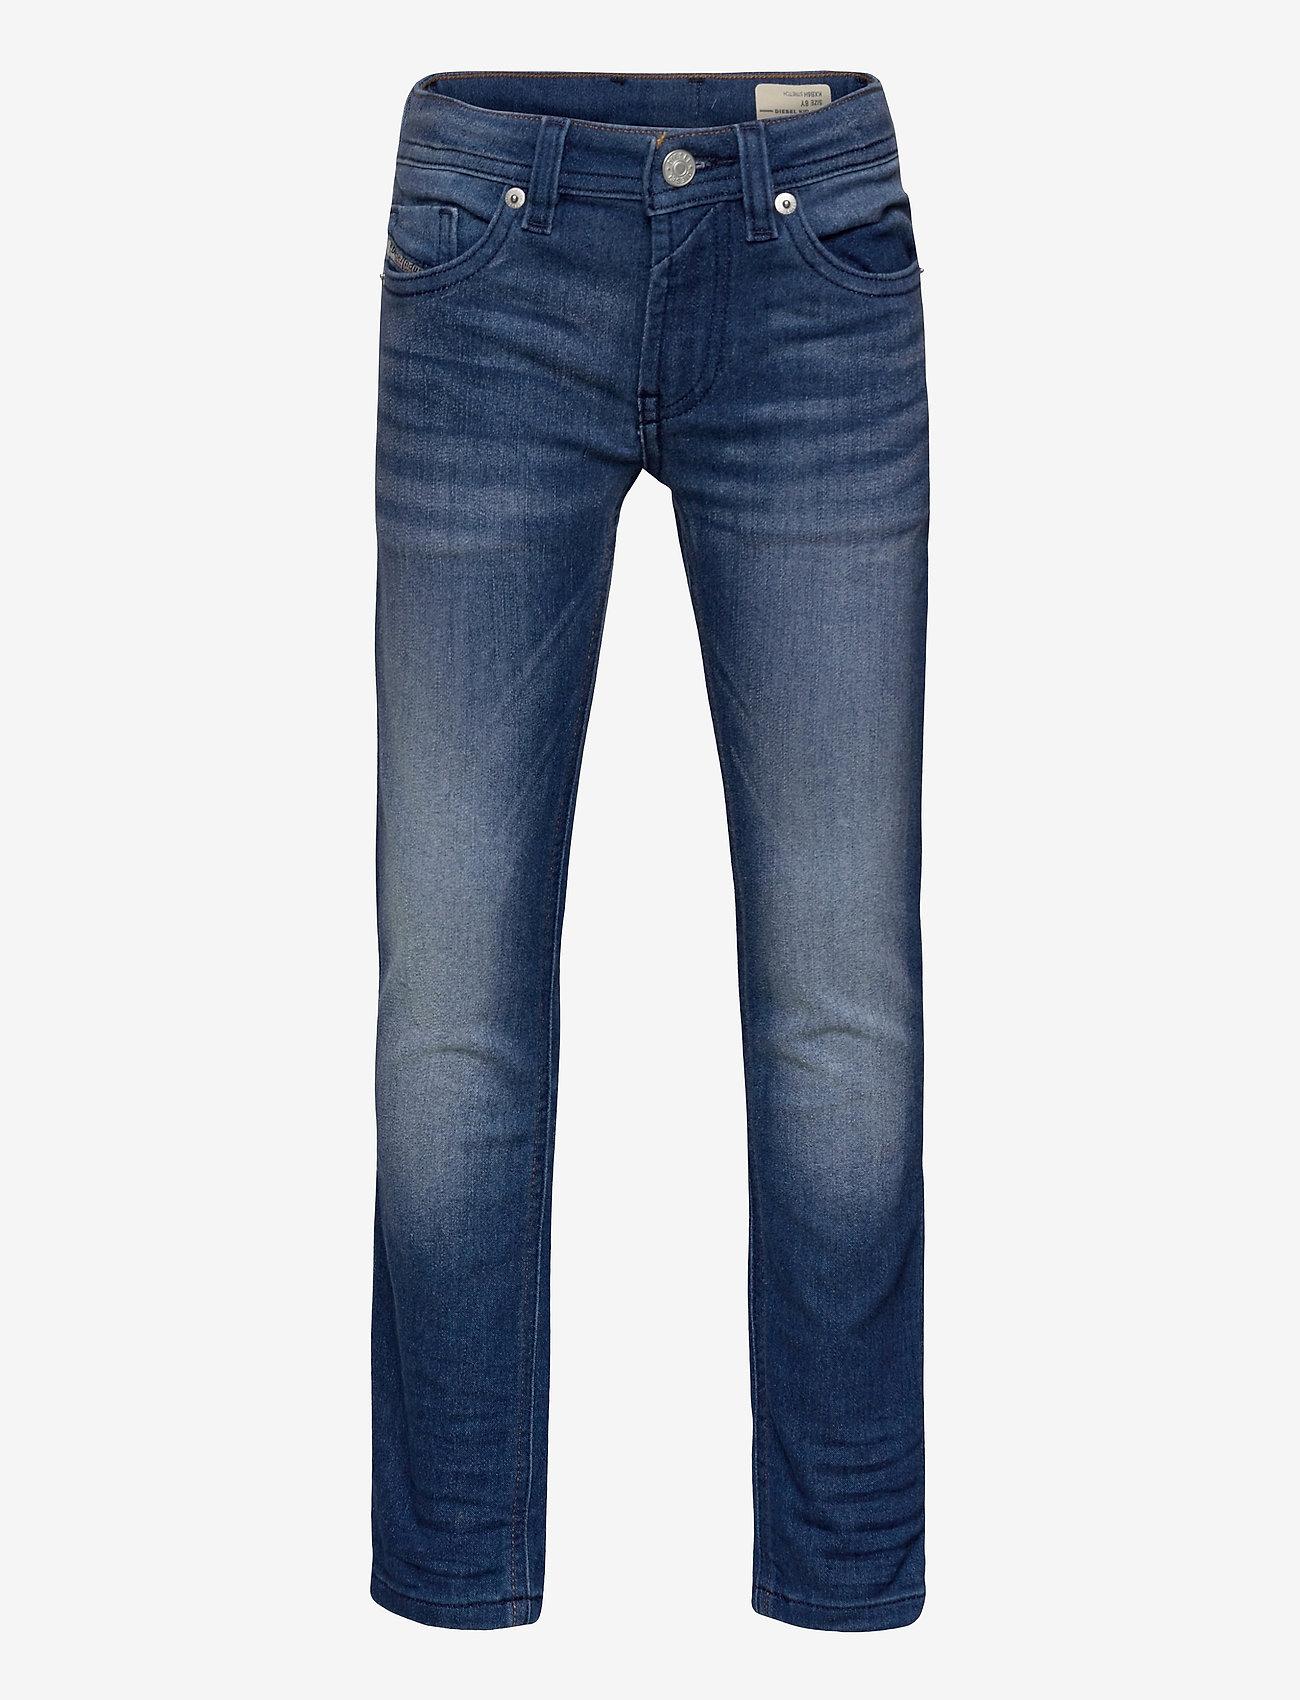 Diesel - THOMMER-J JJJ TROUSERS - jeans - denim - 0